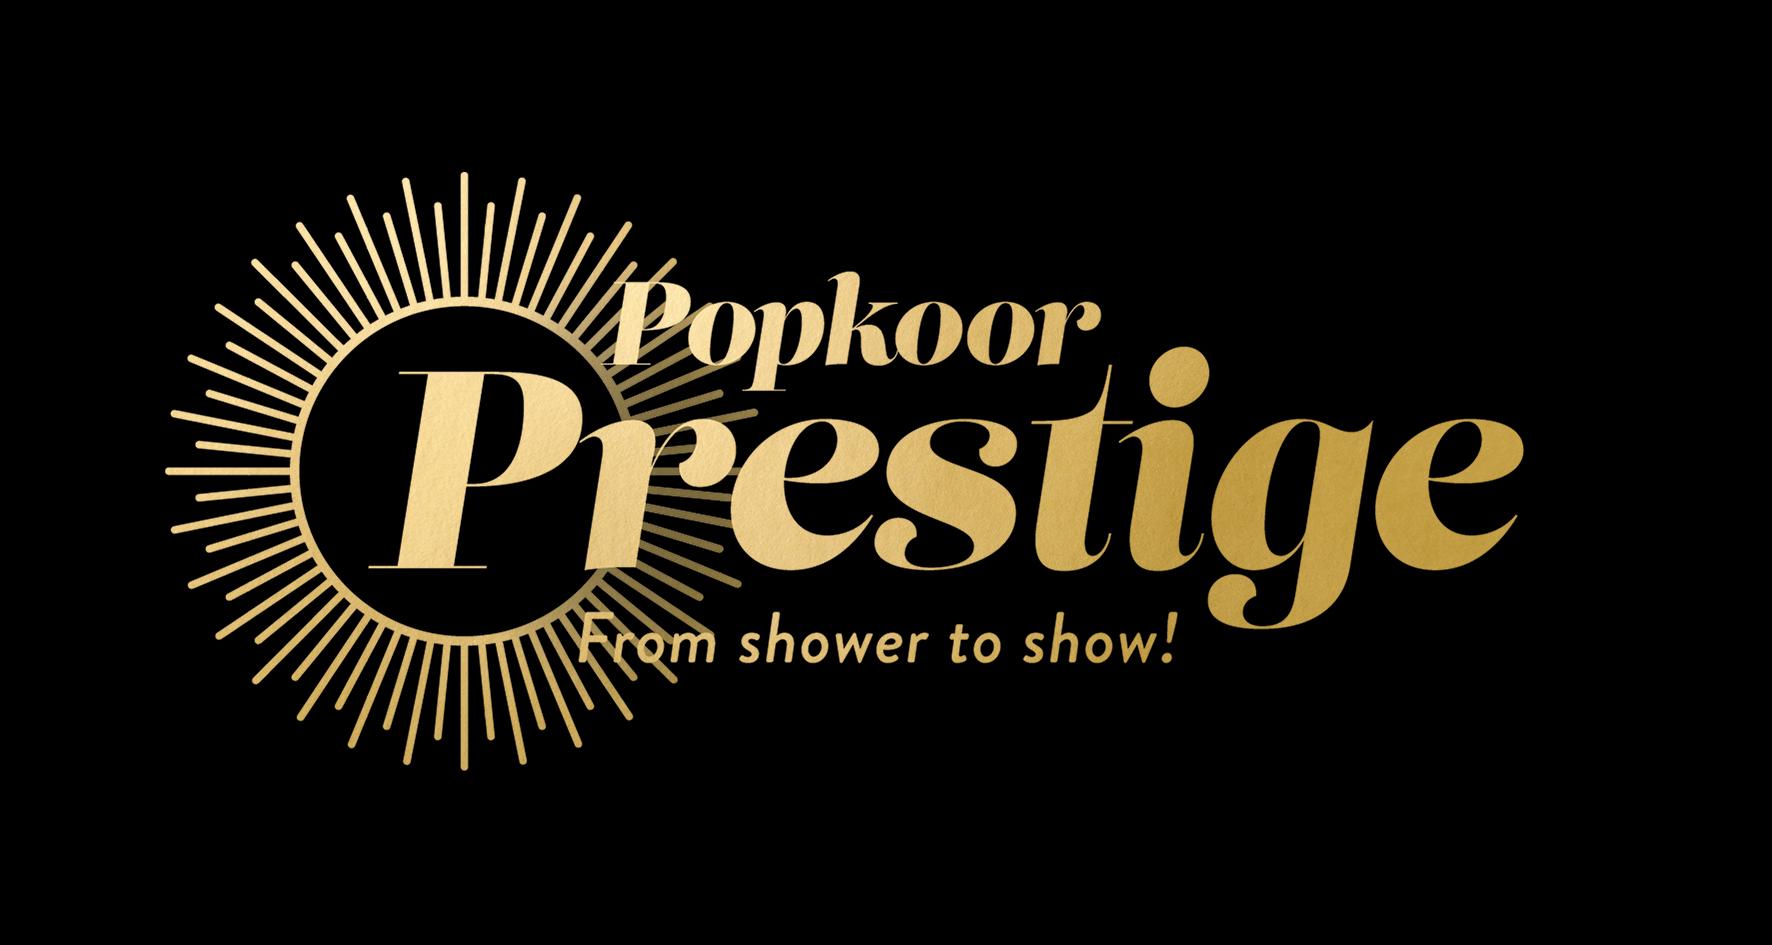 Naar Website Popkoor Prestige